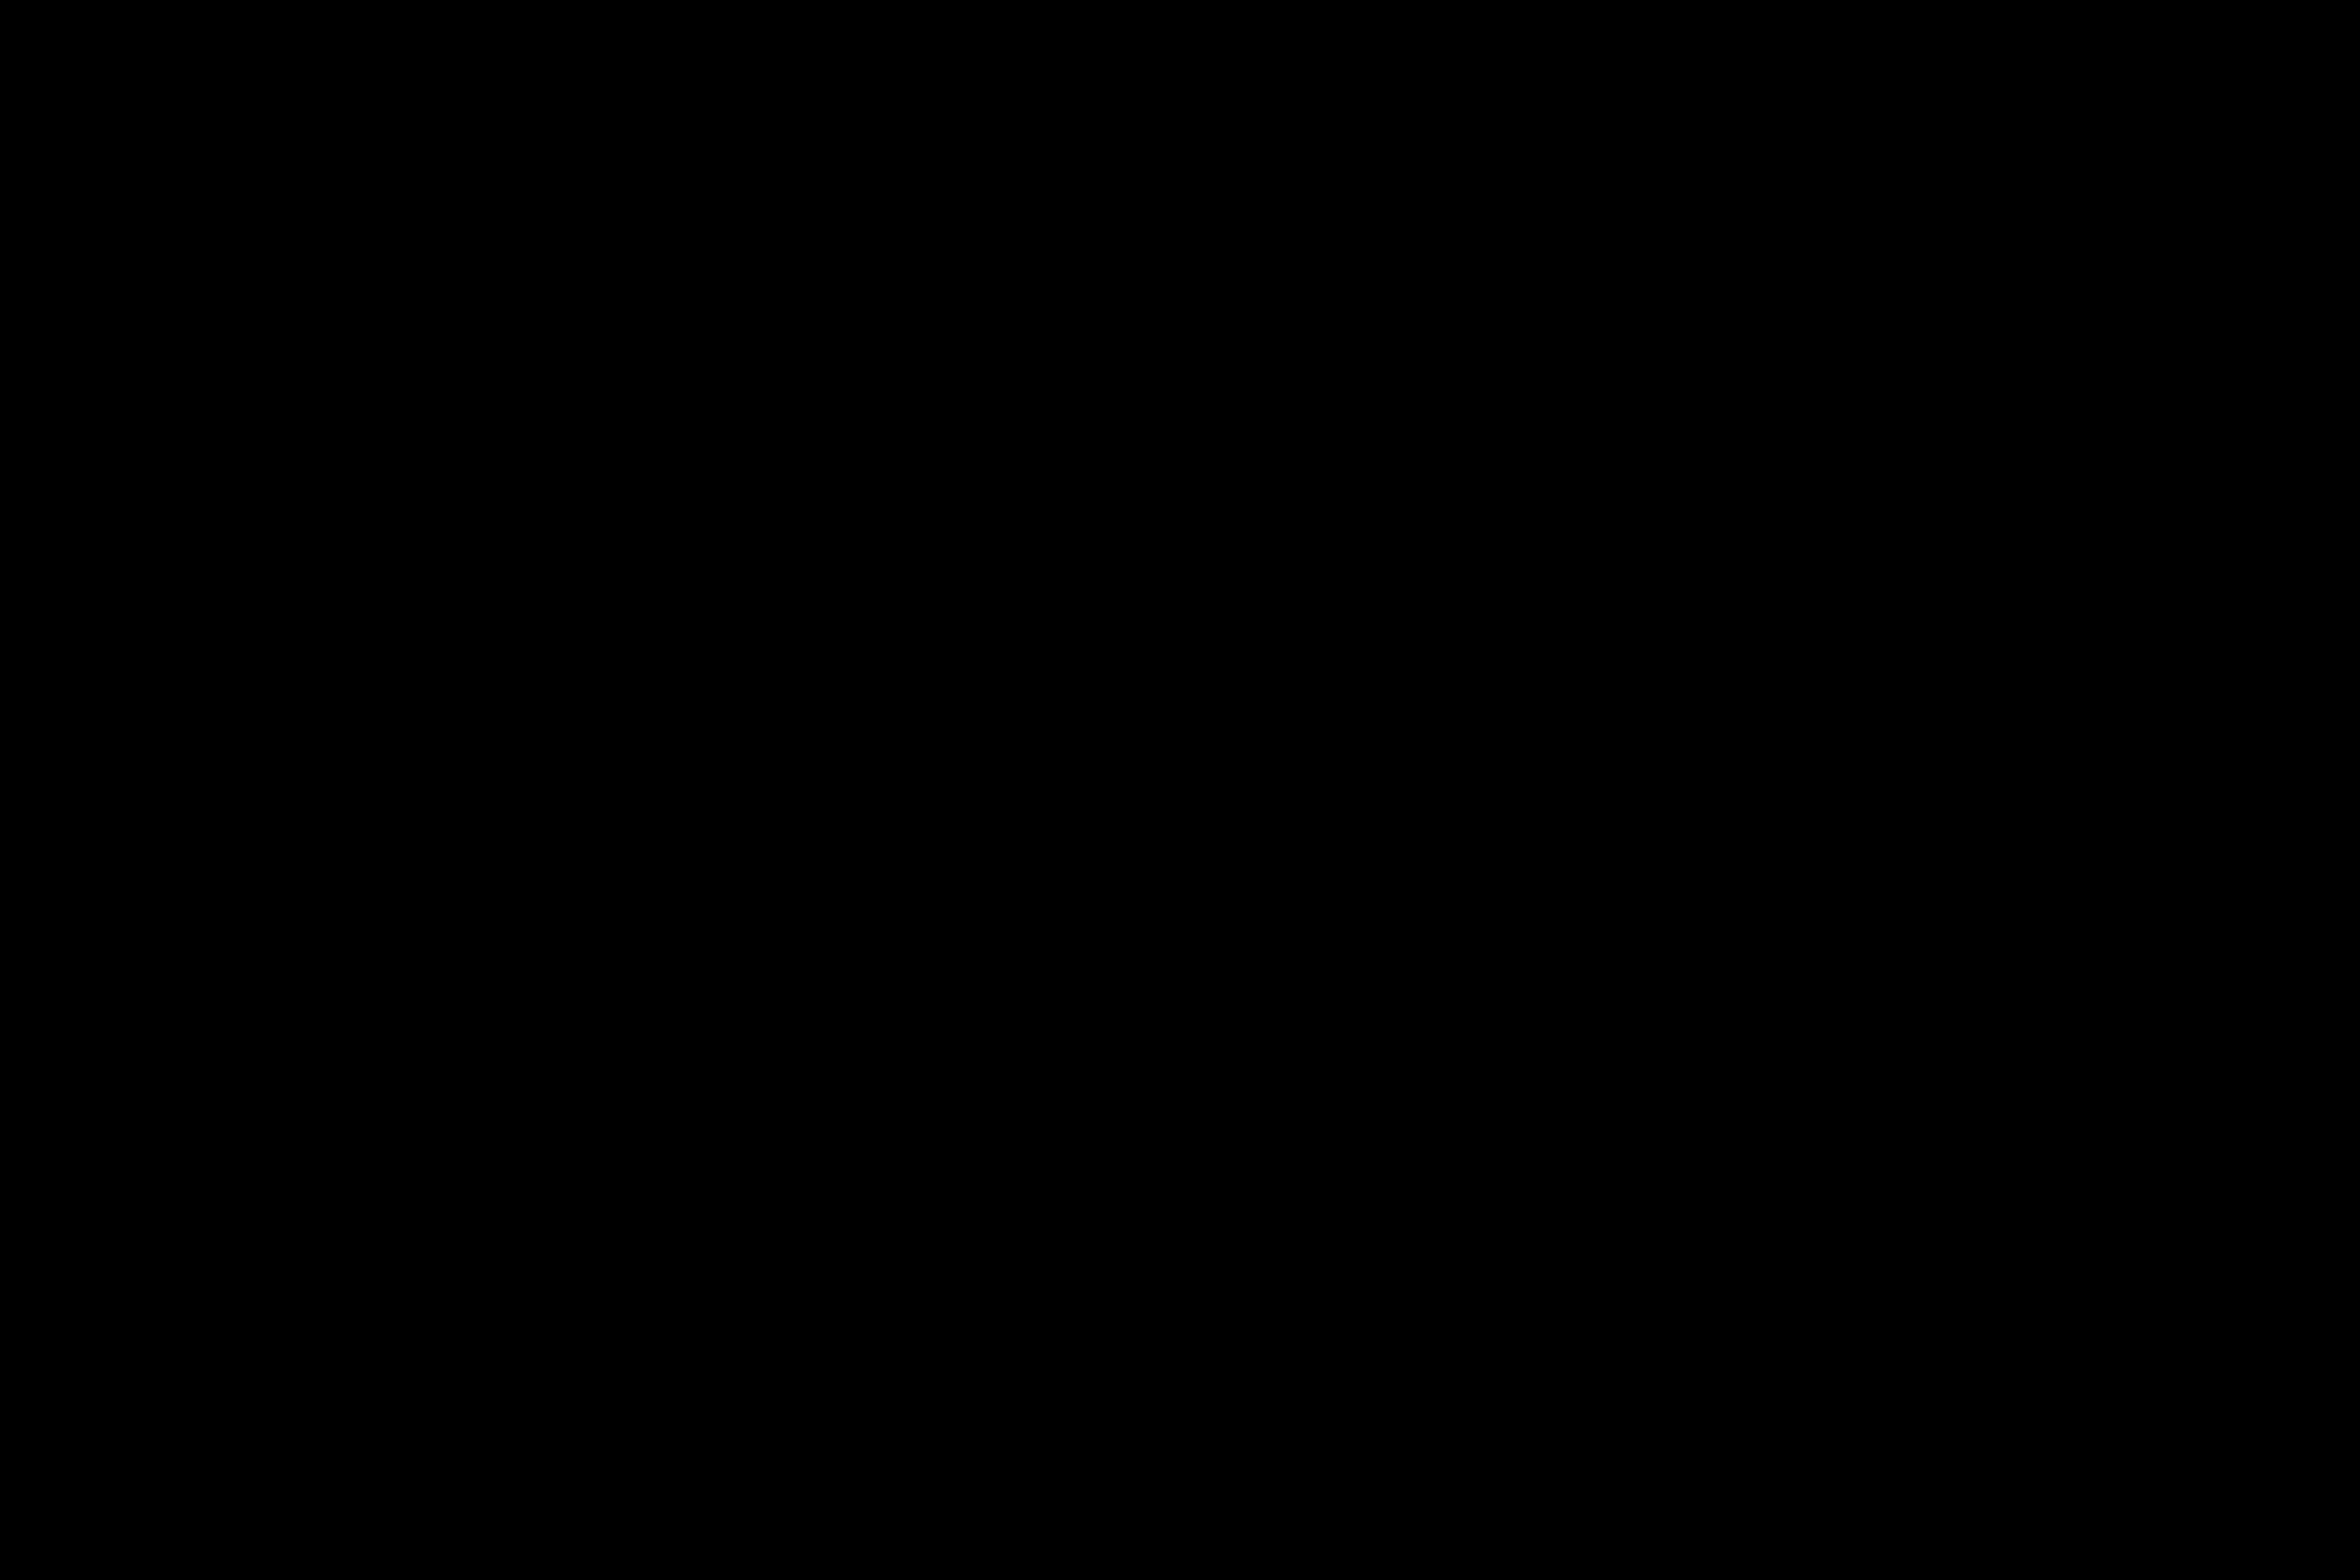 Съемка видео для IT компании